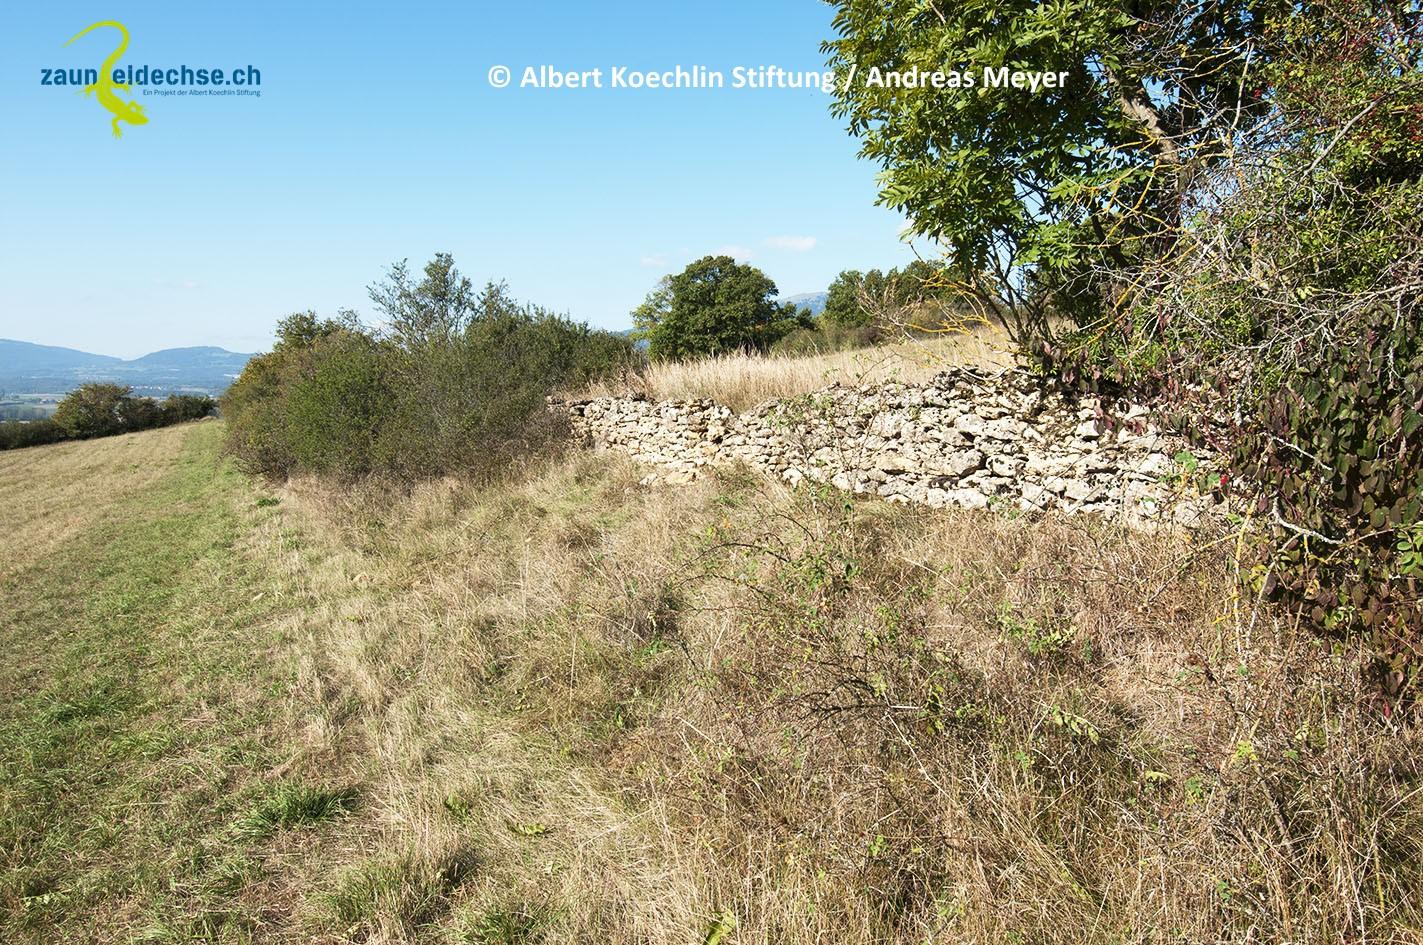 Trockenmauern sind besonders wertvolle Lebensraumstrukturen, wenn sie von Kraut- und Altgrassäumen begleitet werden.